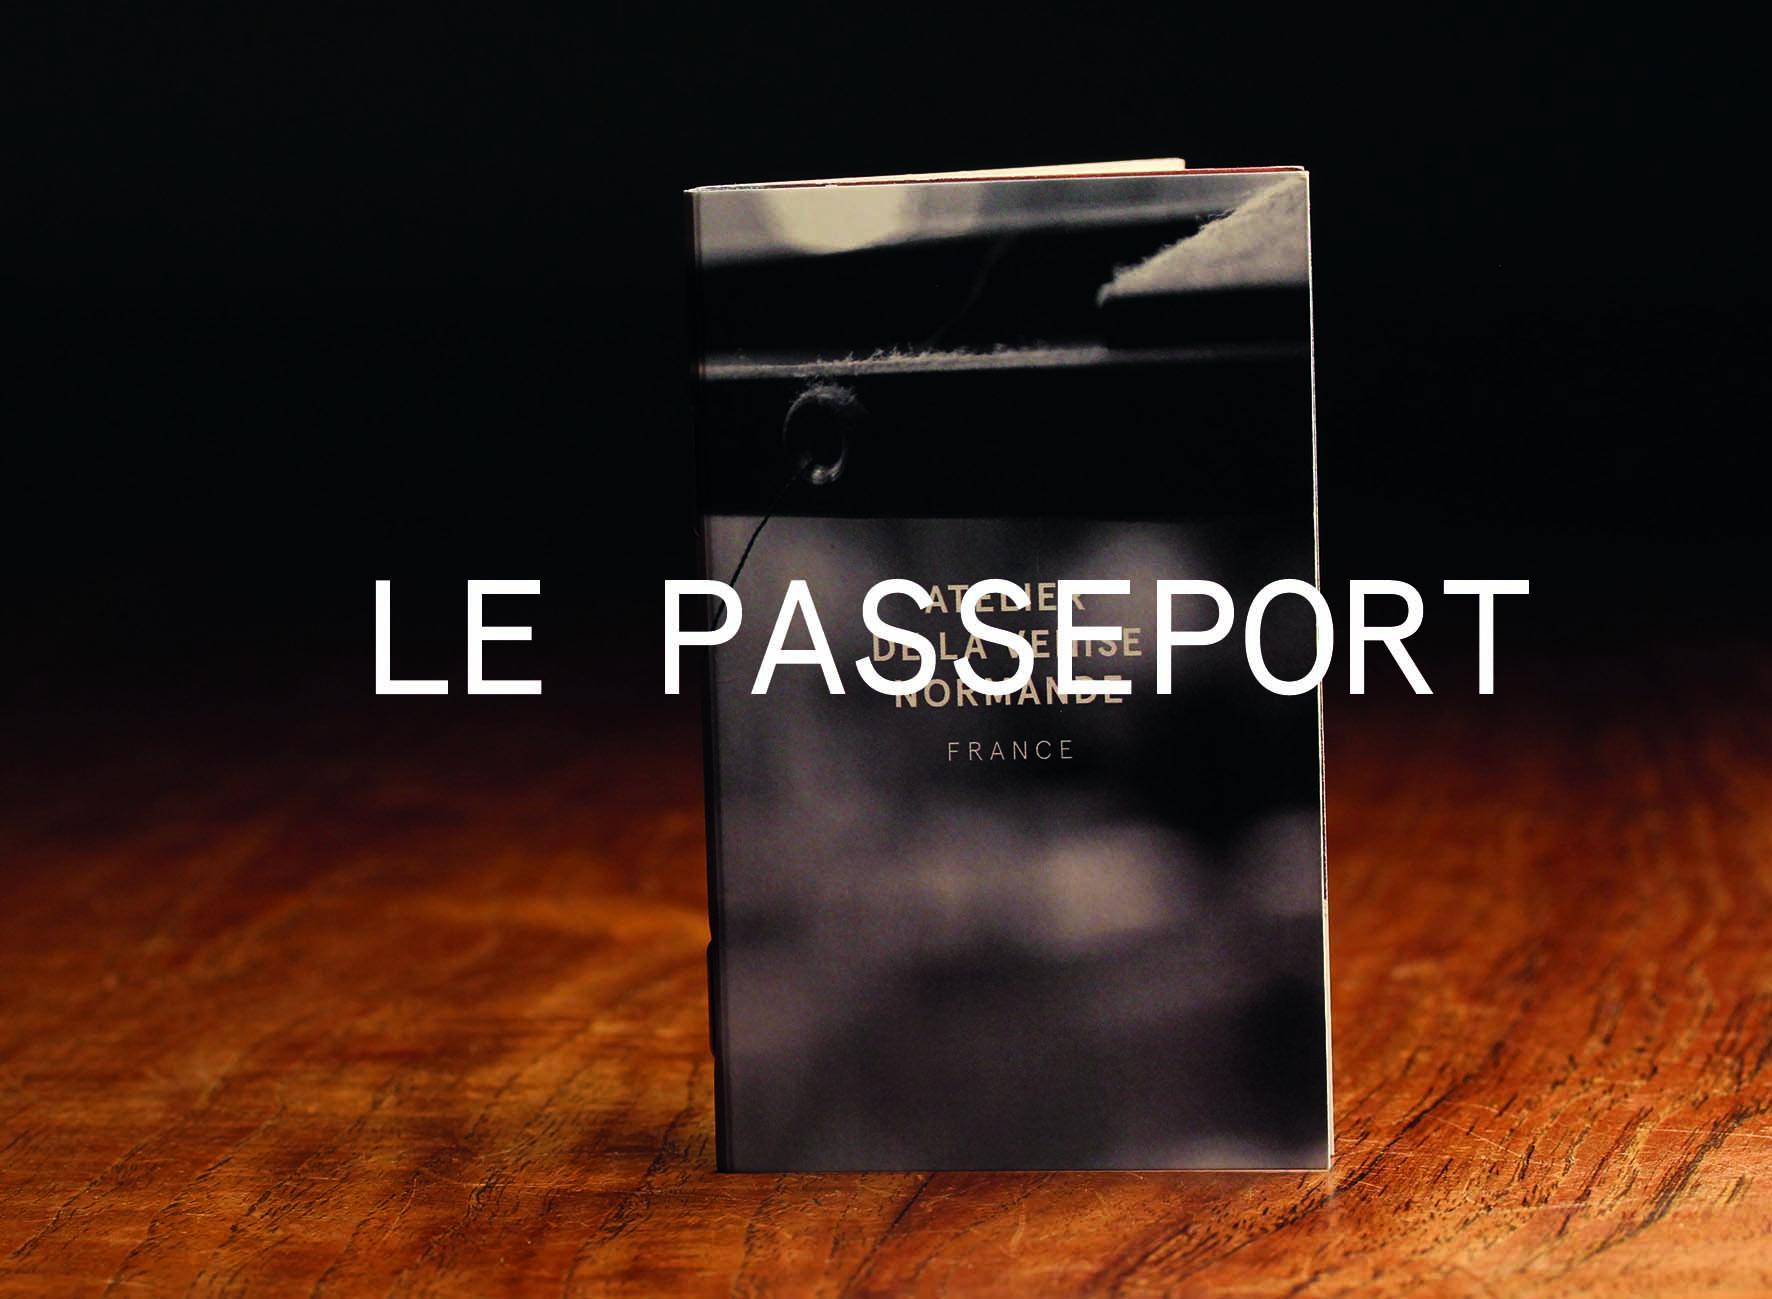 PASSEPORT_BOIS-1413647834.jpg